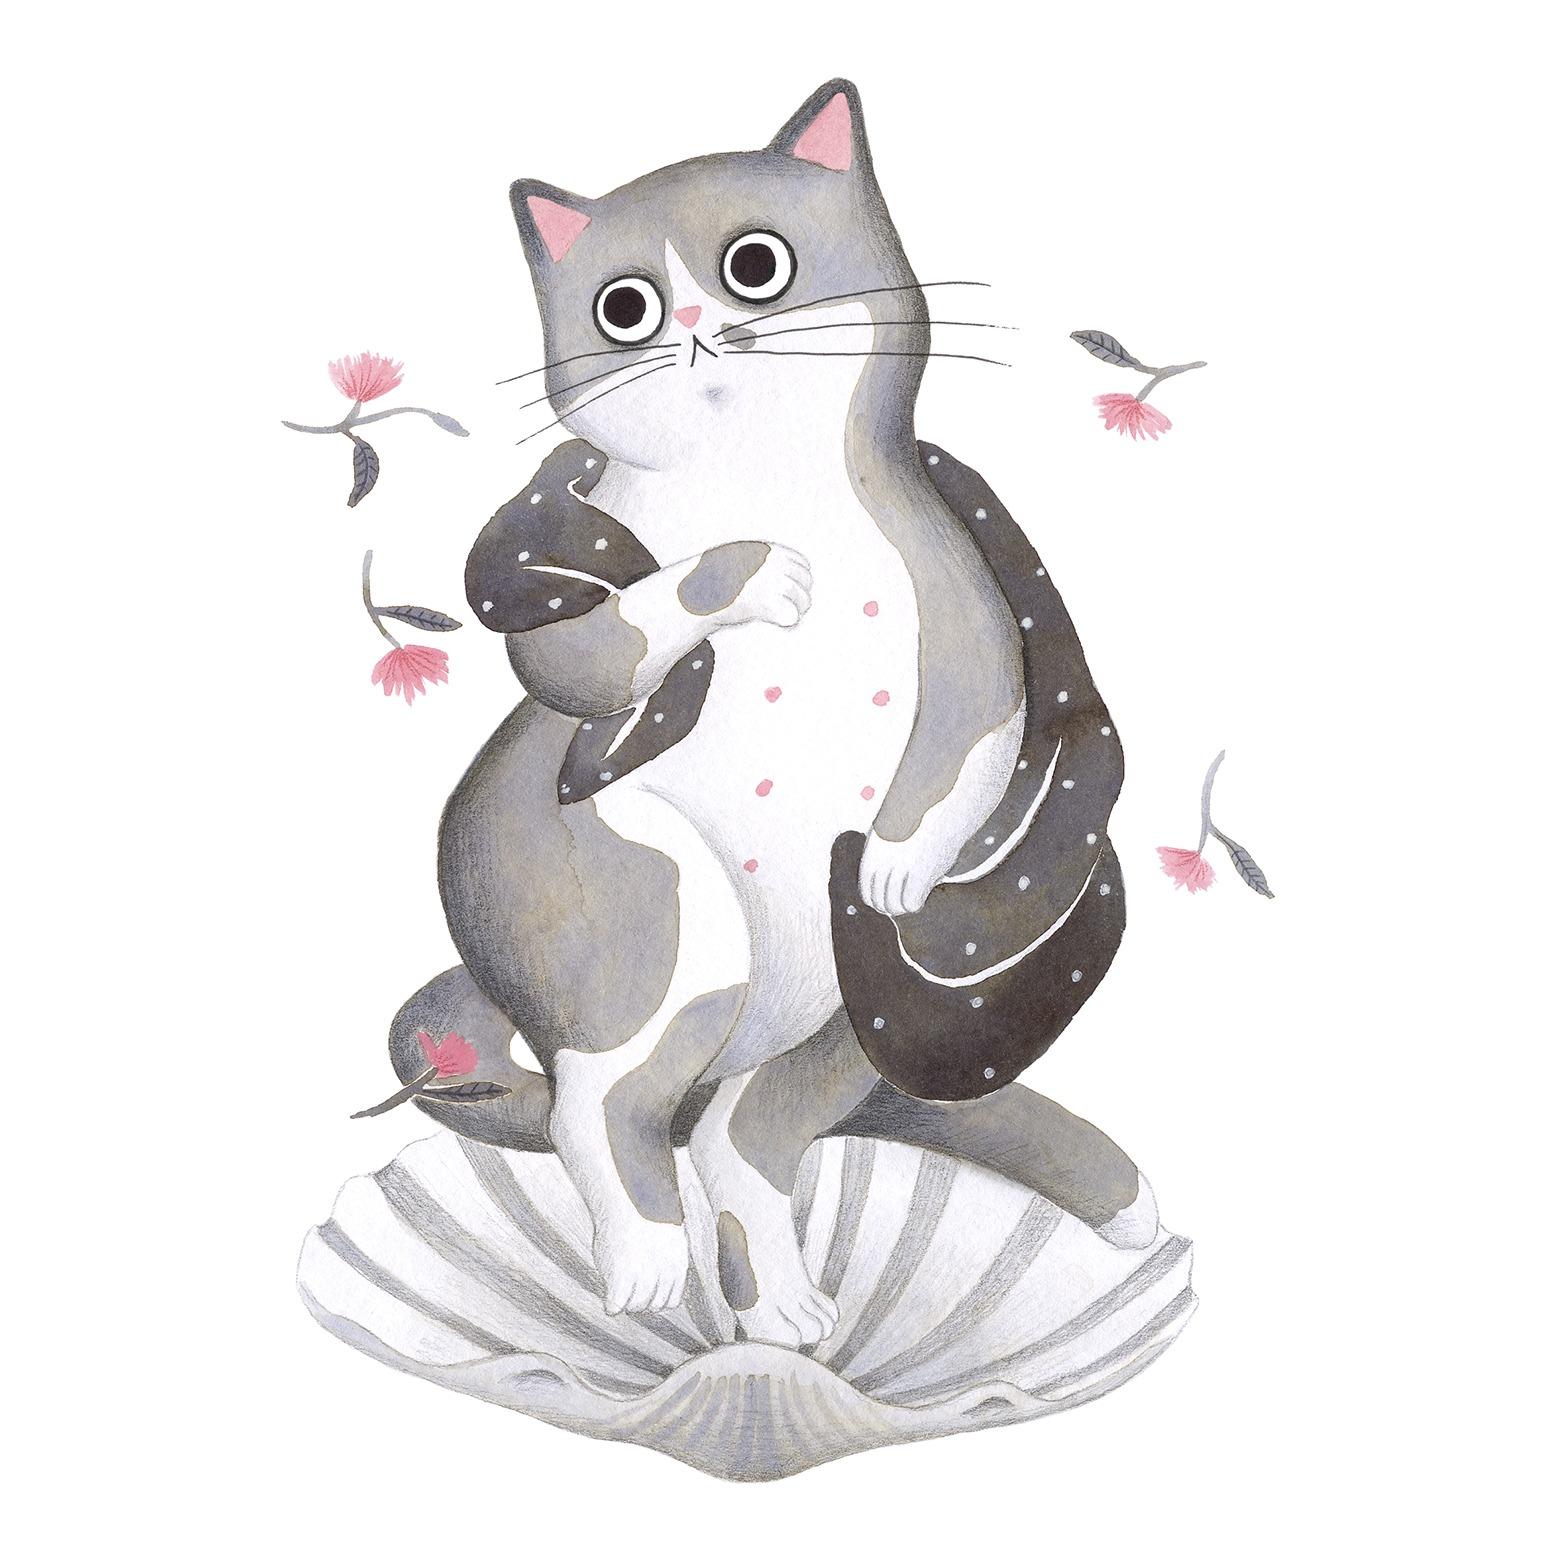 Ilustración de gato, Inktober, el nacimiento de venus, Botticelli, retrato de gato